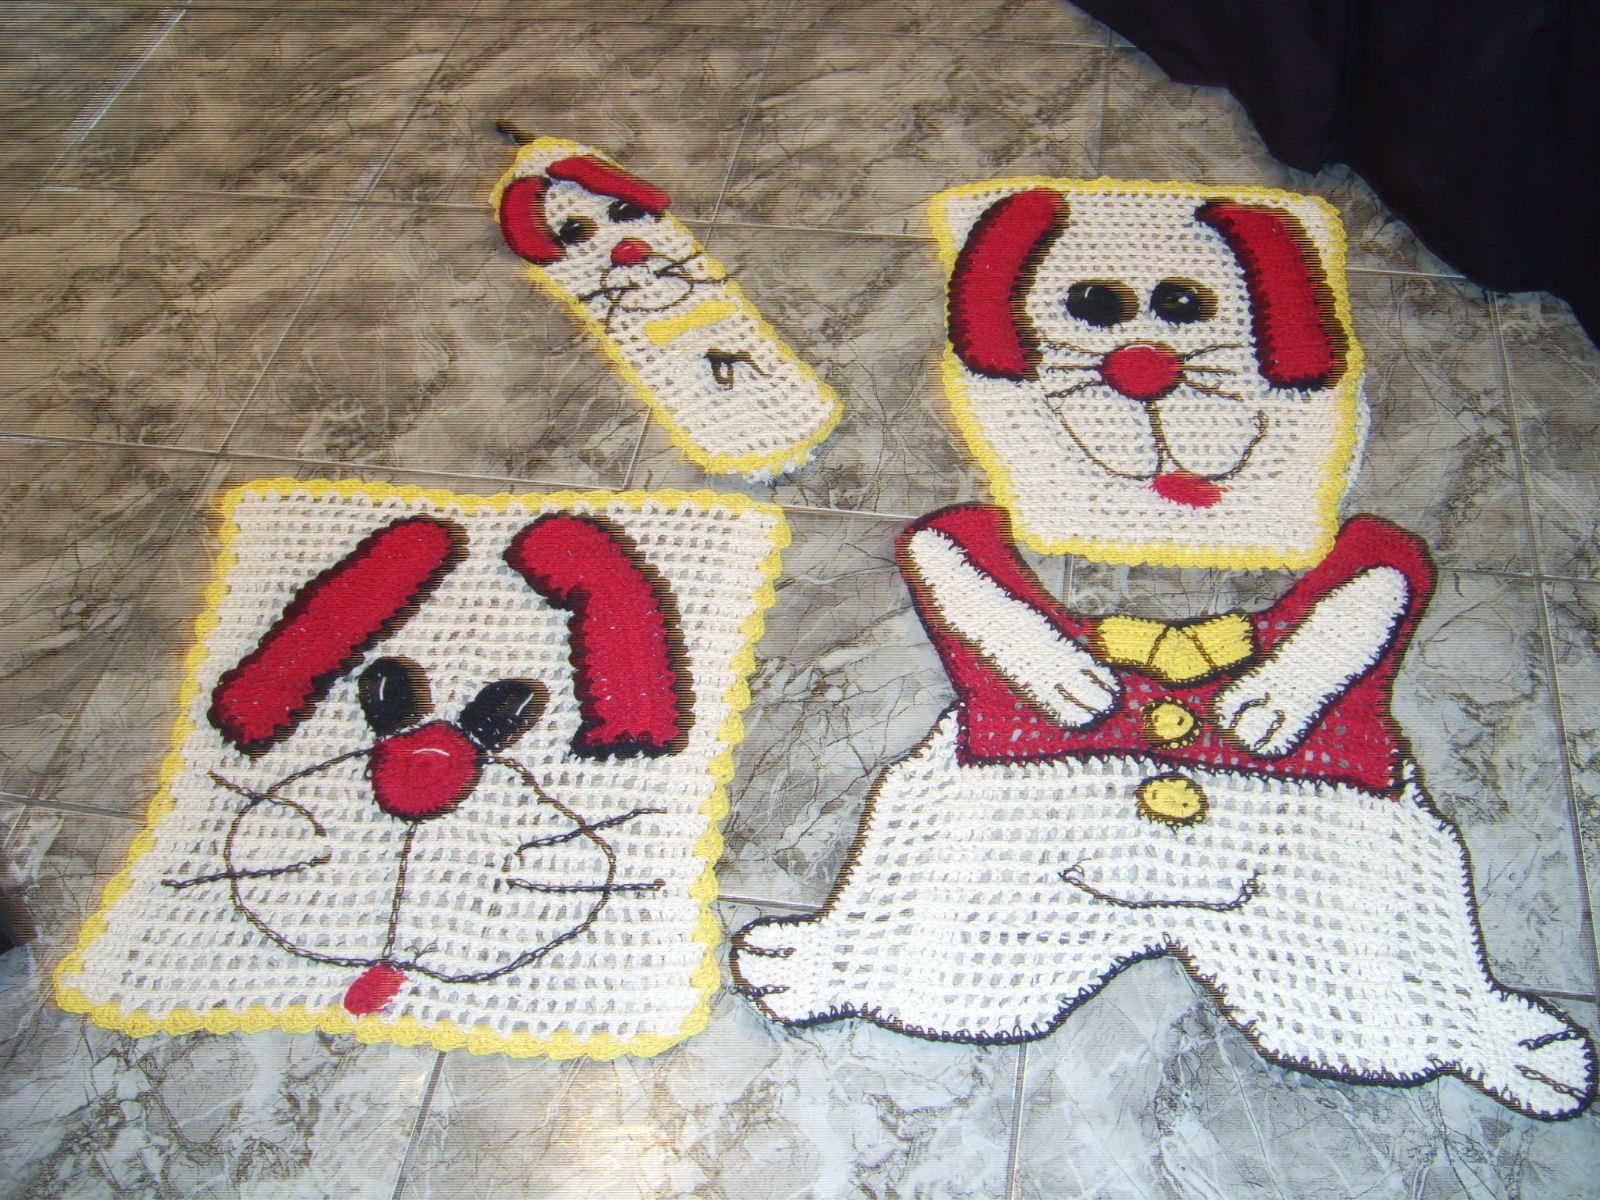 Arte & Crochê: Jogo de banheiro cachorrinho #AA213A 1600x1200 Banheiro De Cachorro